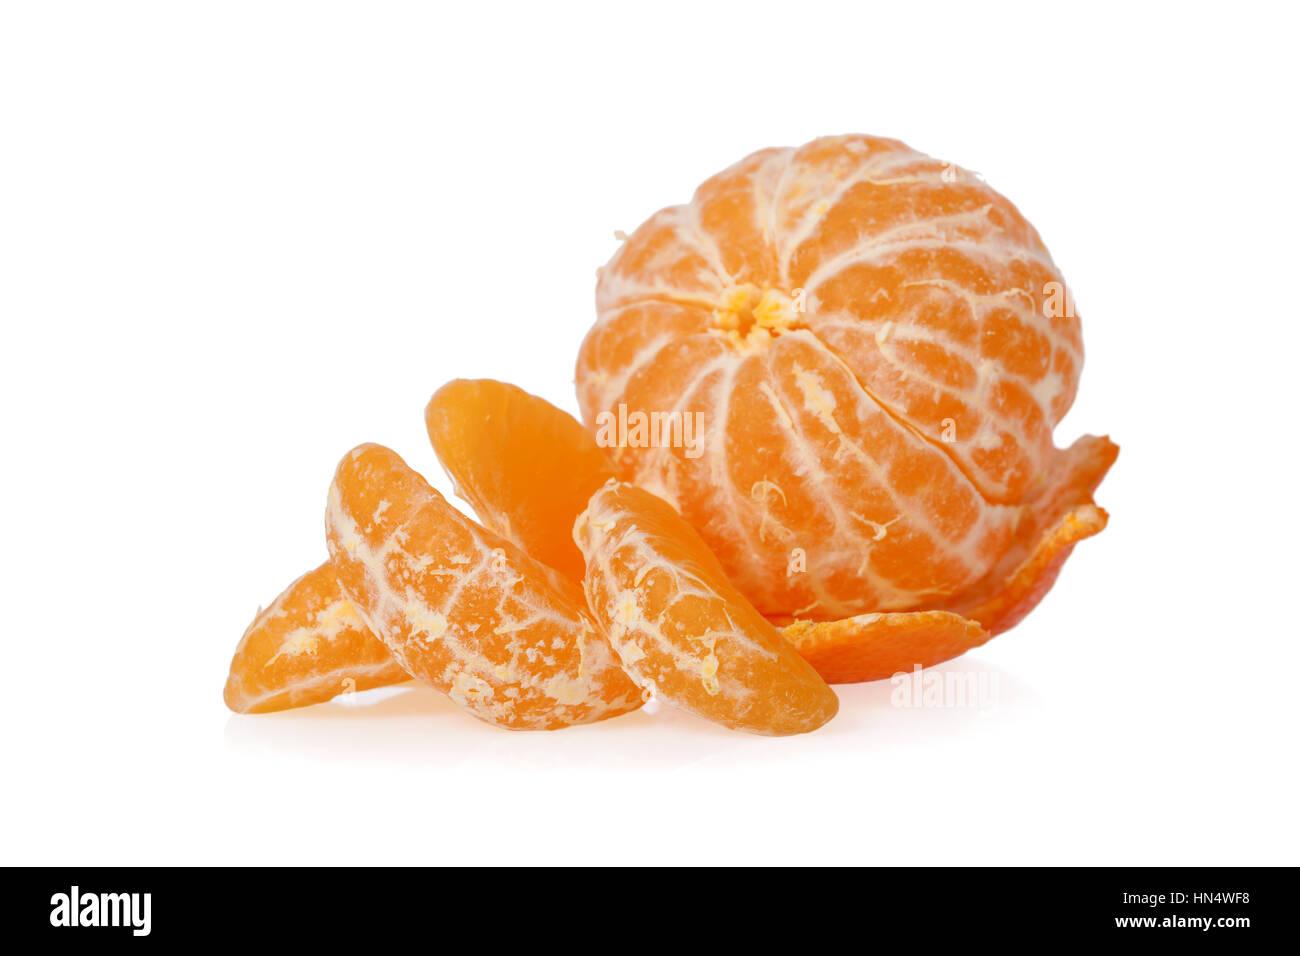 Peeled Clementine isolated on white background - Stock Image